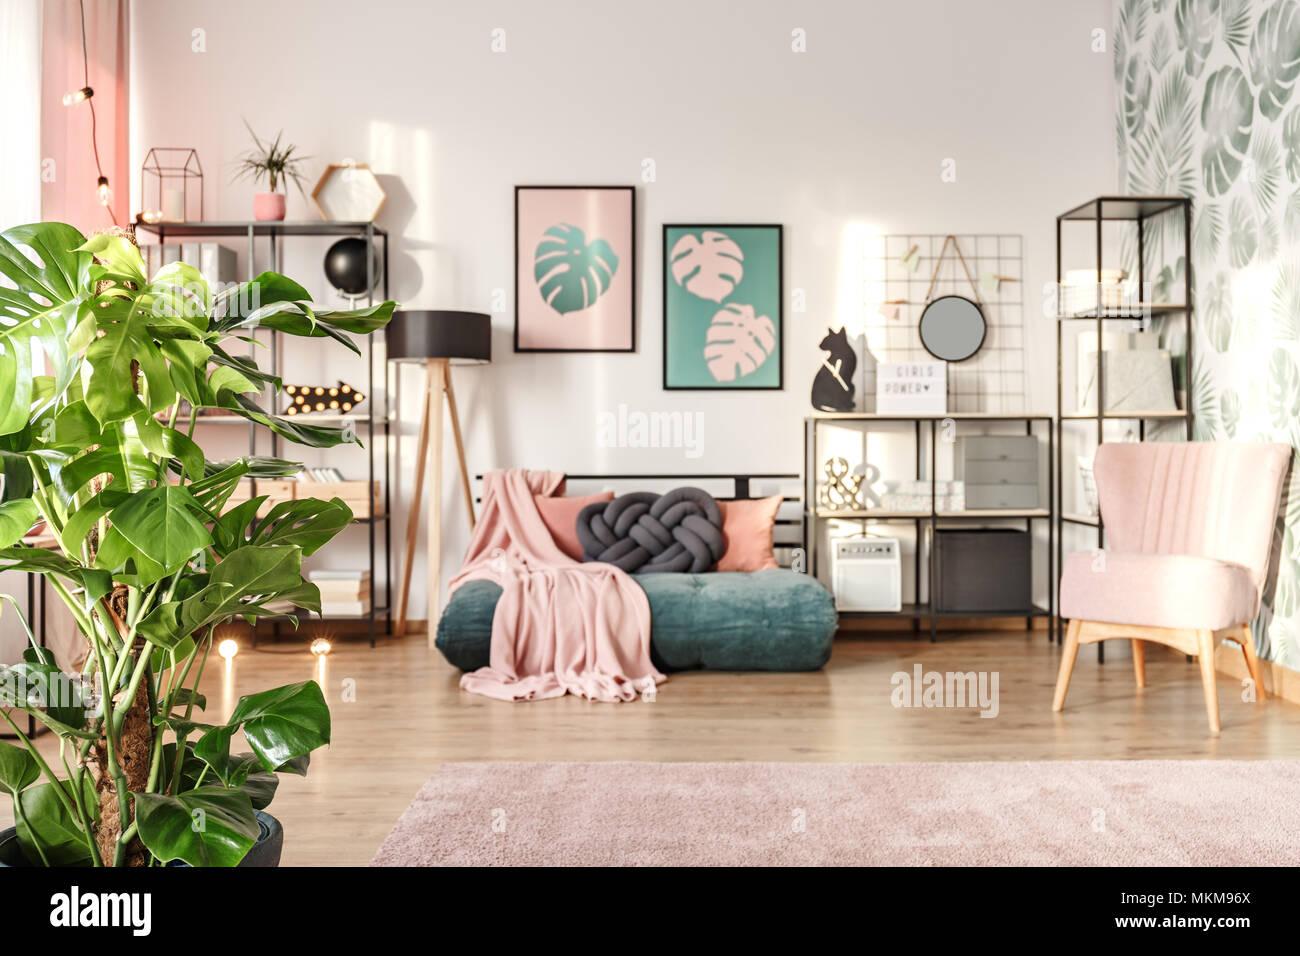 Planta monstera grande en un diseñador salón interior, con un acogedor sofá verde esmeralda y rosa elementos Foto de stock